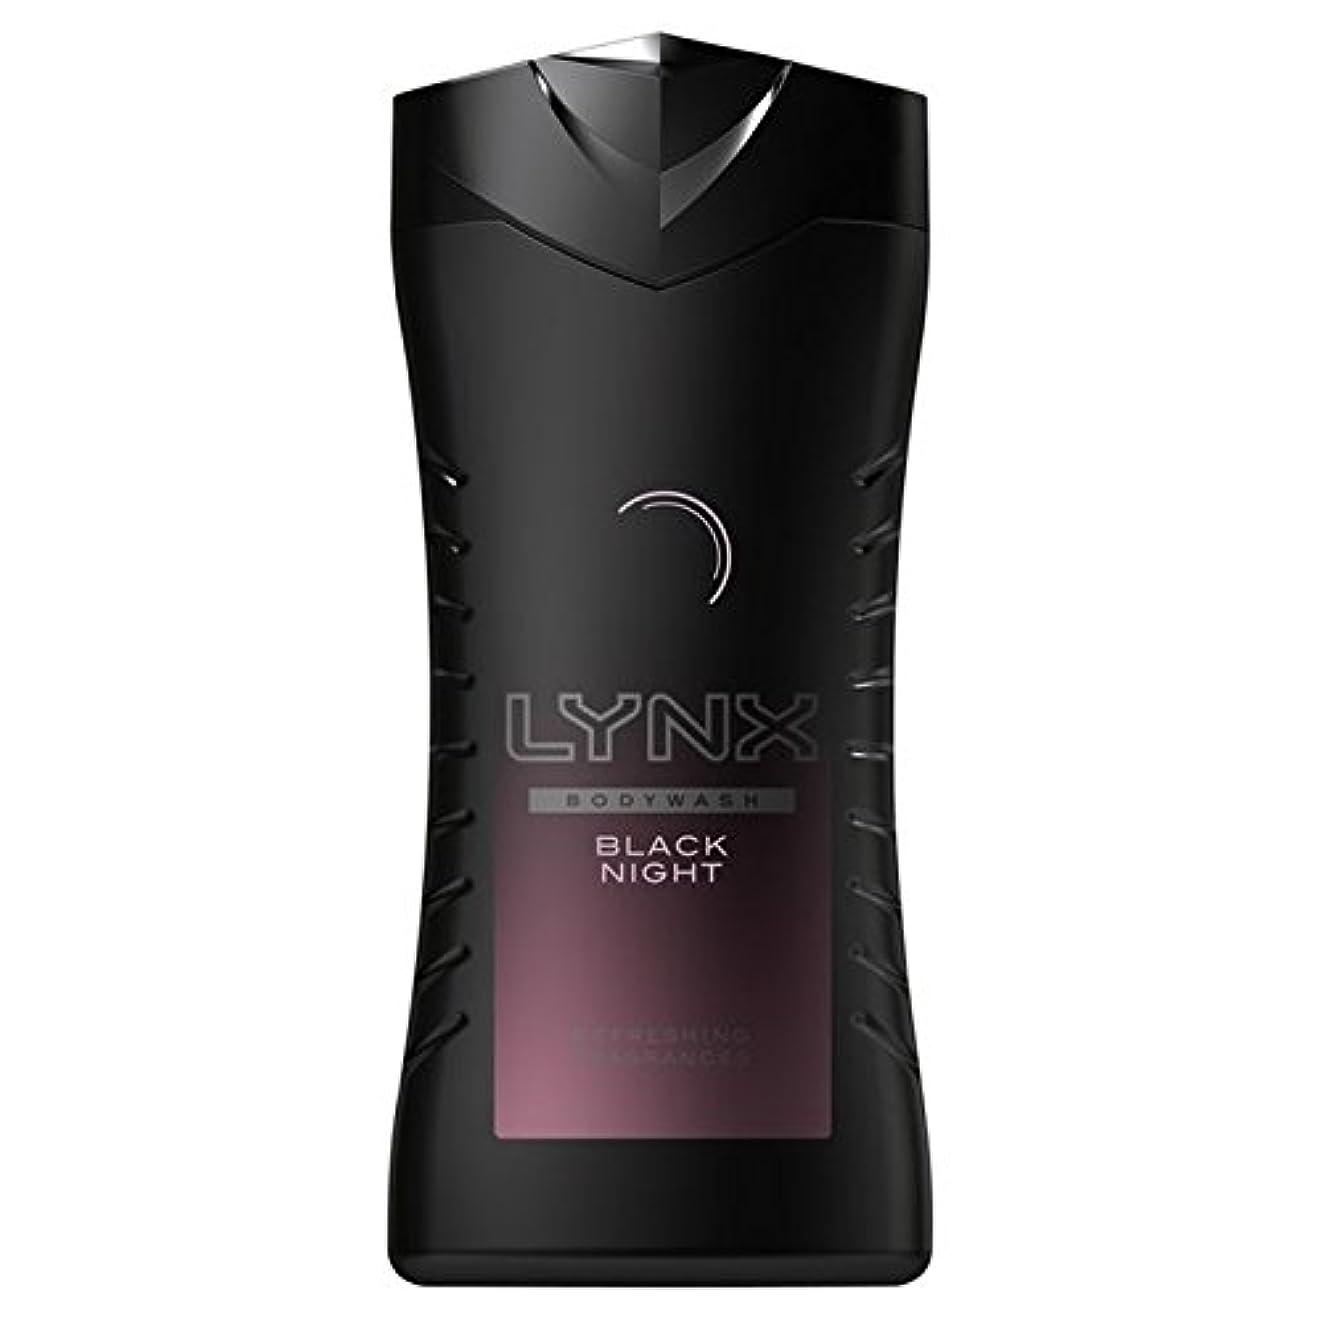 入札注ぎますコークスオオヤマネコ黒夜シャワージェル250ミリリットル x4 - Lynx Black Night Shower Gel 250ml (Pack of 4) [並行輸入品]